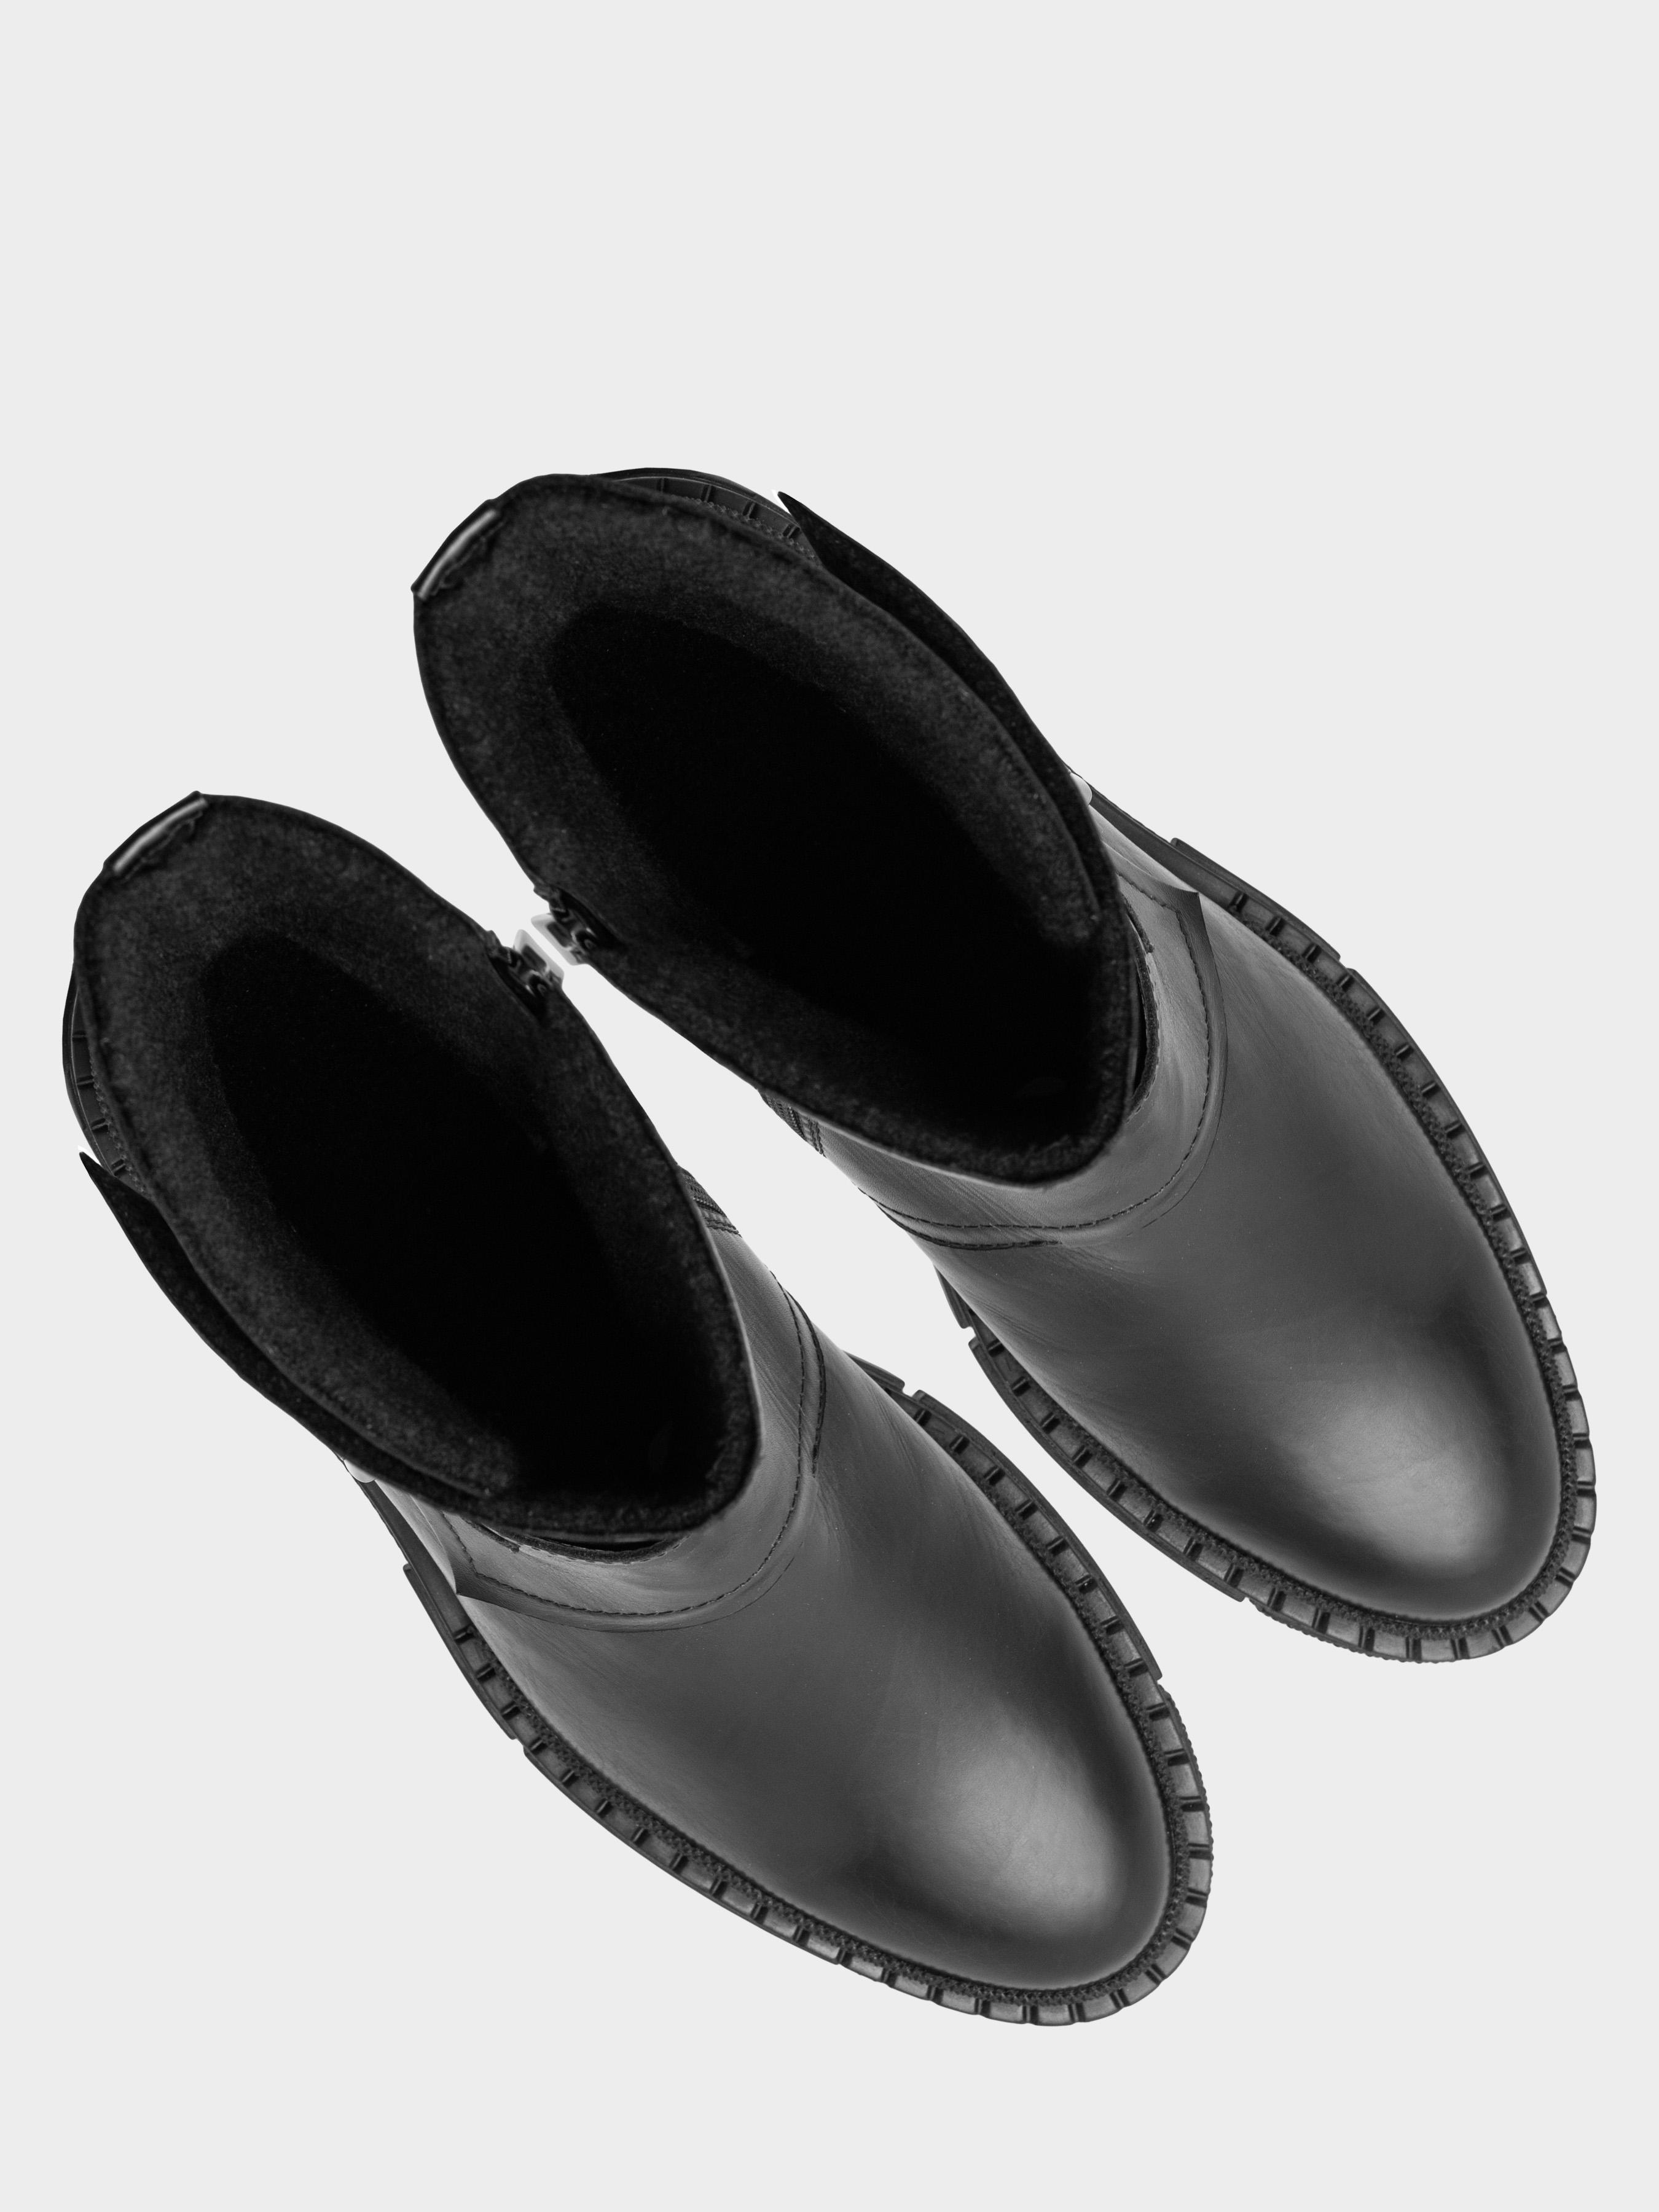 Ботинки для женщин Ботинки женские ENZO VERRATTI 18-7449-4 купить в Интертоп, 2017